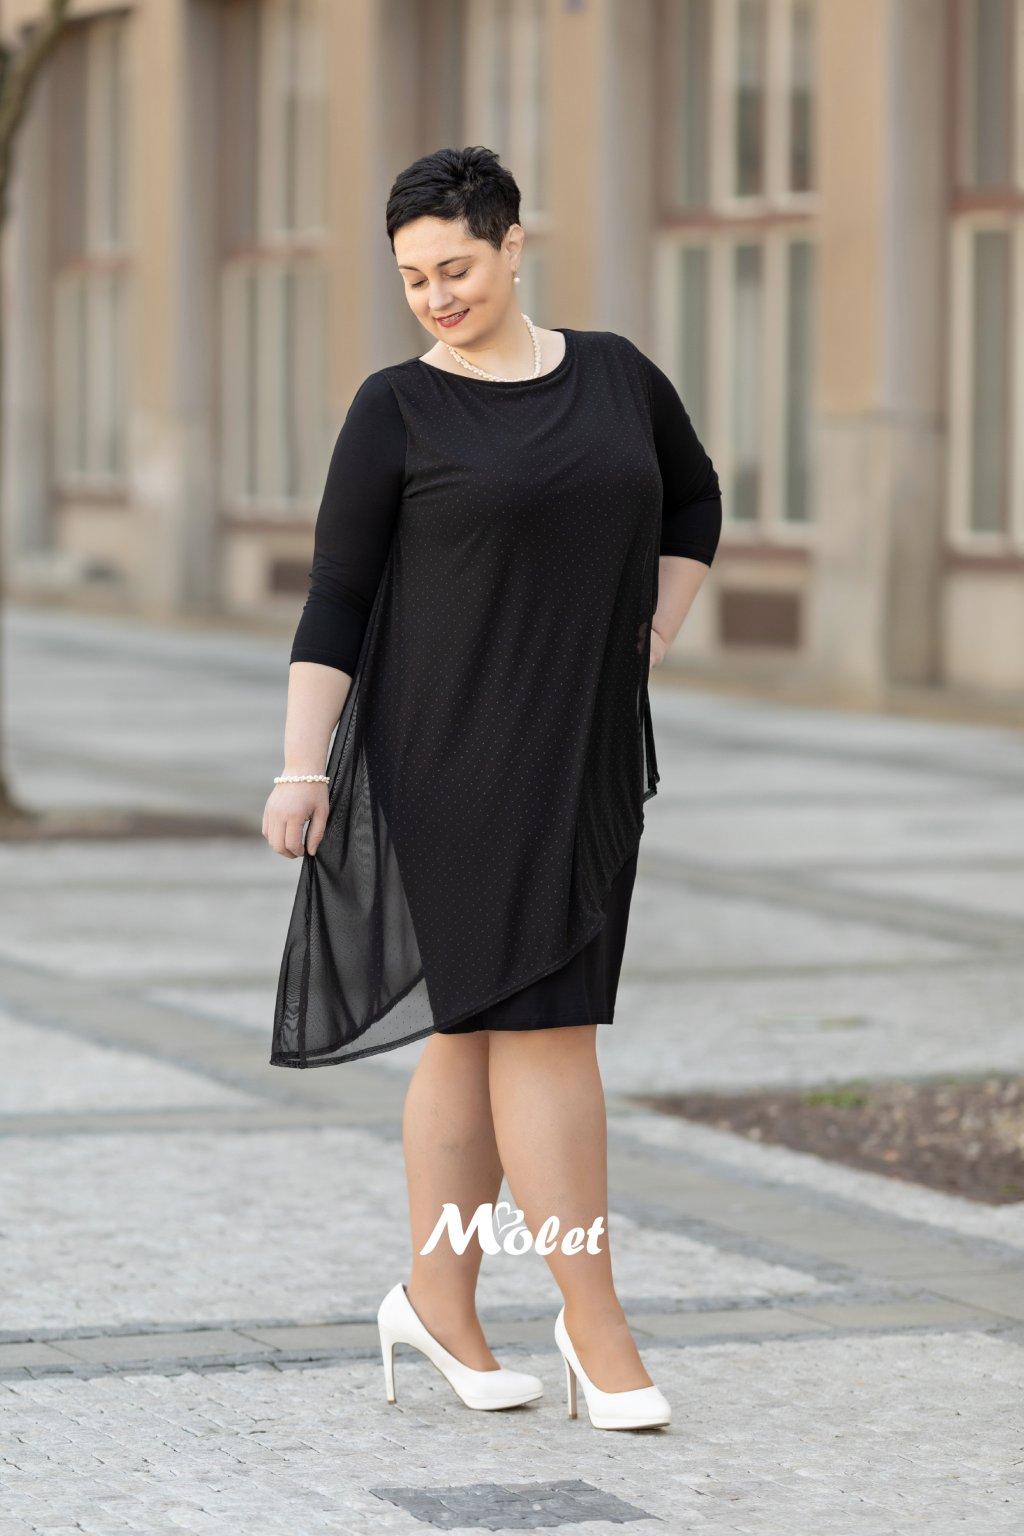 Laura šaty s tylovým přehozem černé